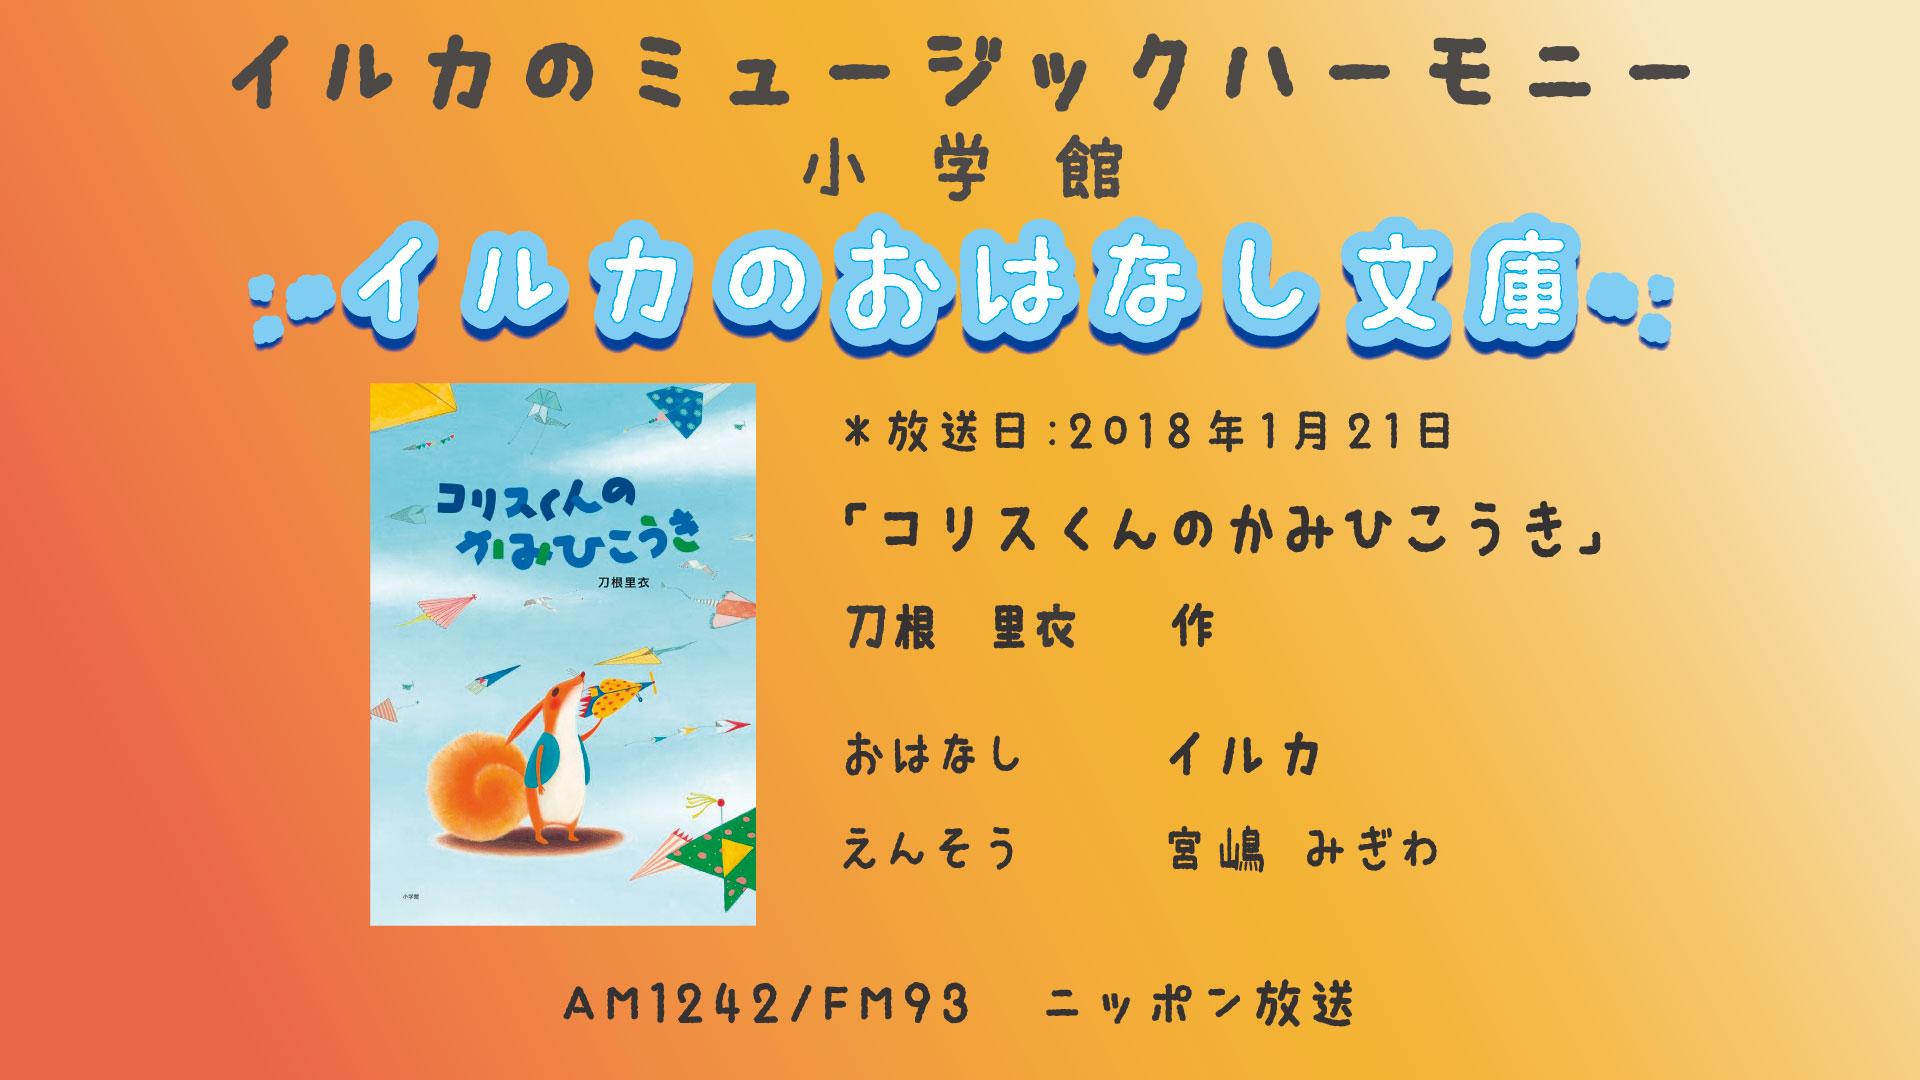 「コリスくんのかみひこうき」(2) イルカのおはなし文庫第101回